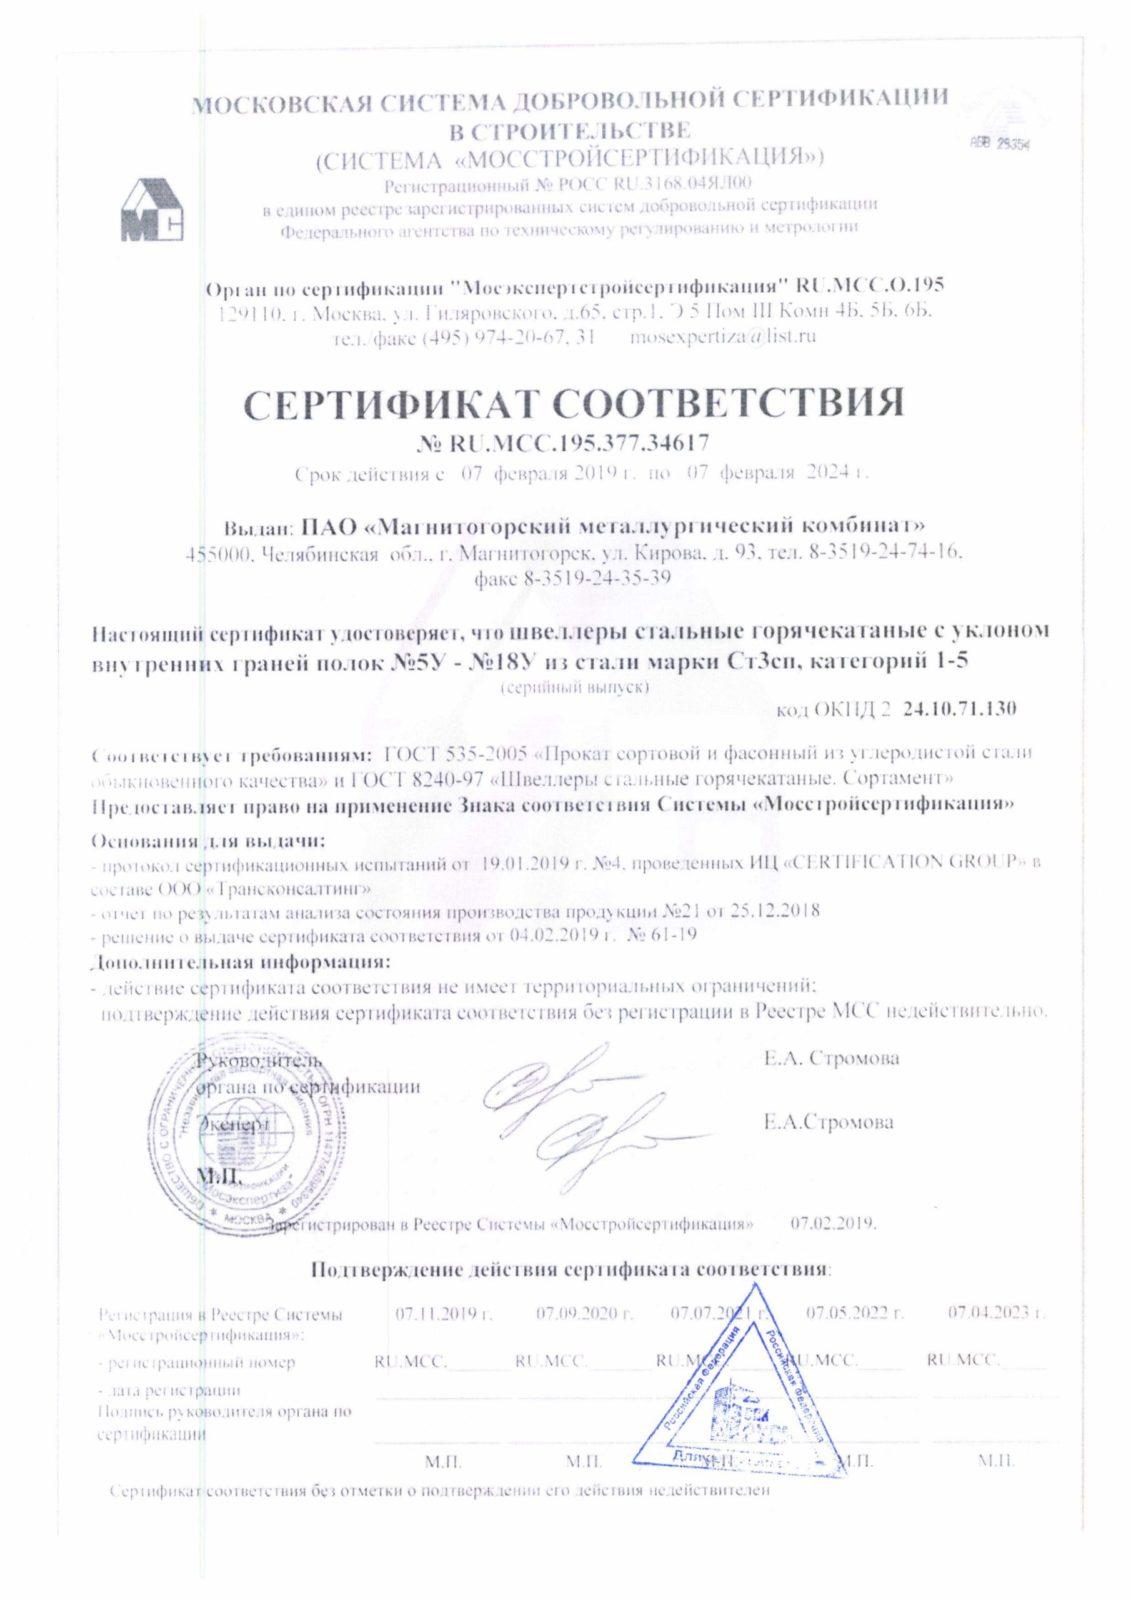 сертификат соответствия на швеллер 5-18